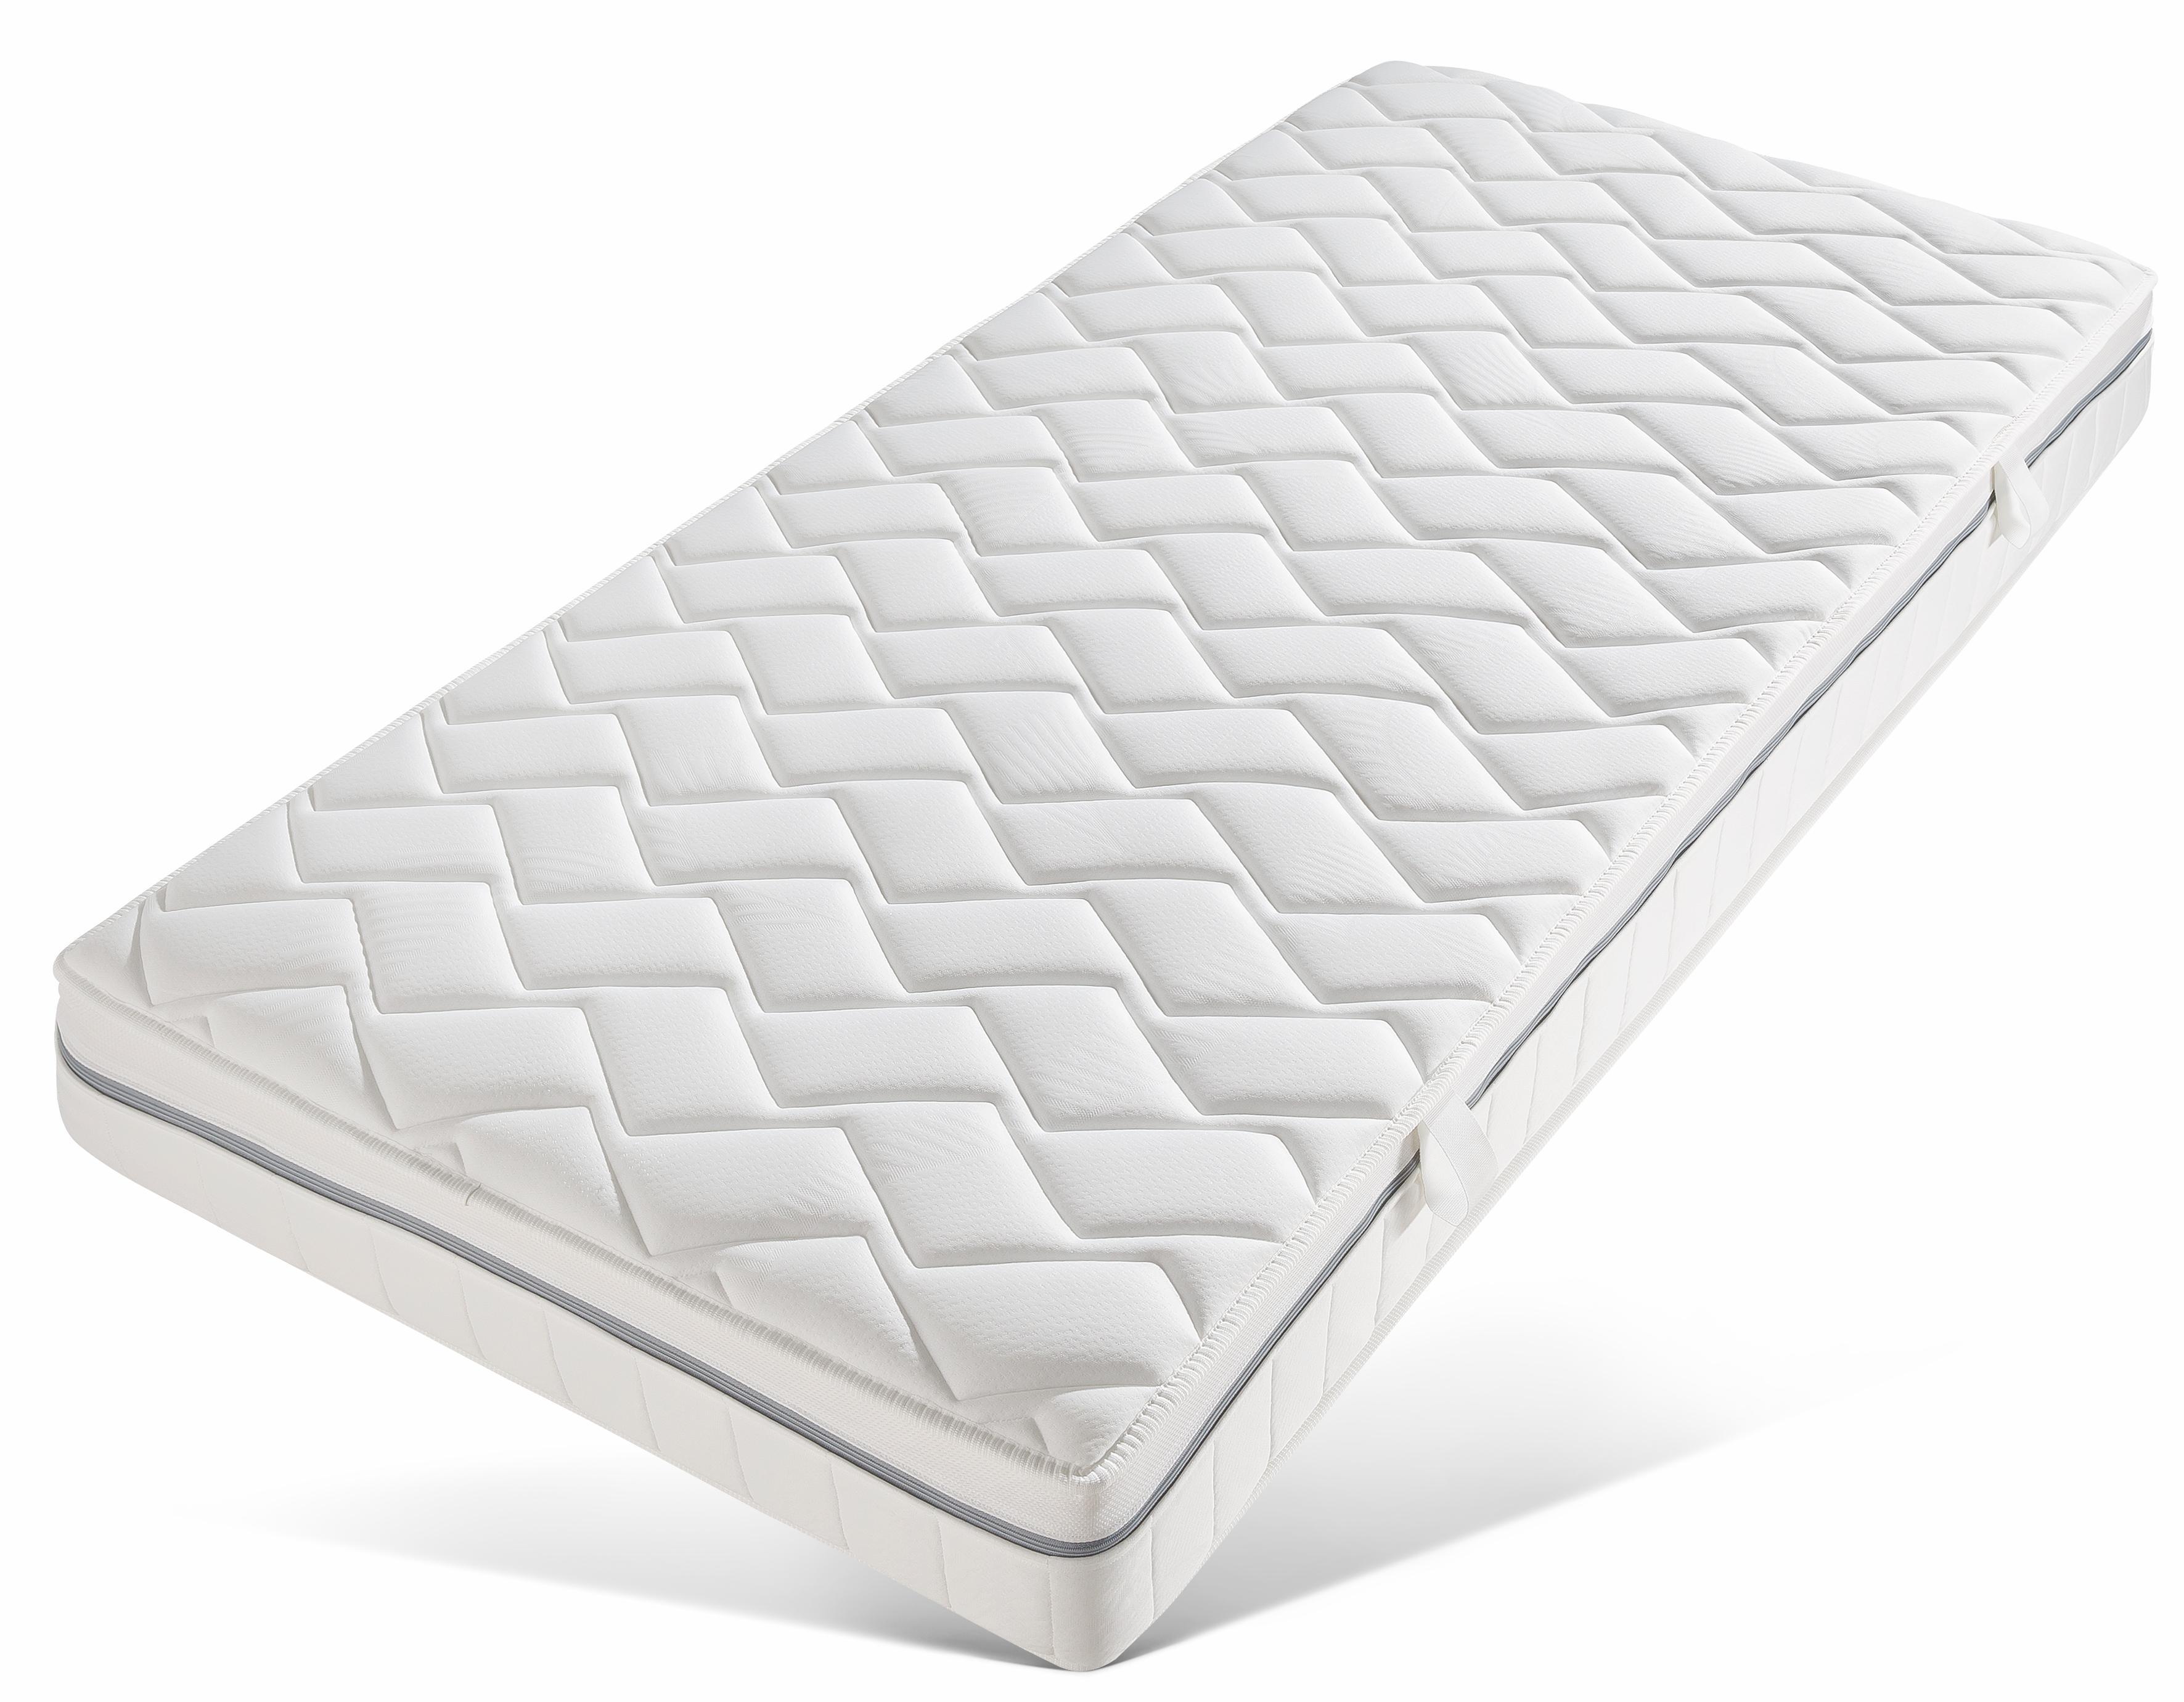 Komfortschaummatratze Airy Form 23 mit Klimaband Di Quattro 23 cm hoch Raumgewicht: 28